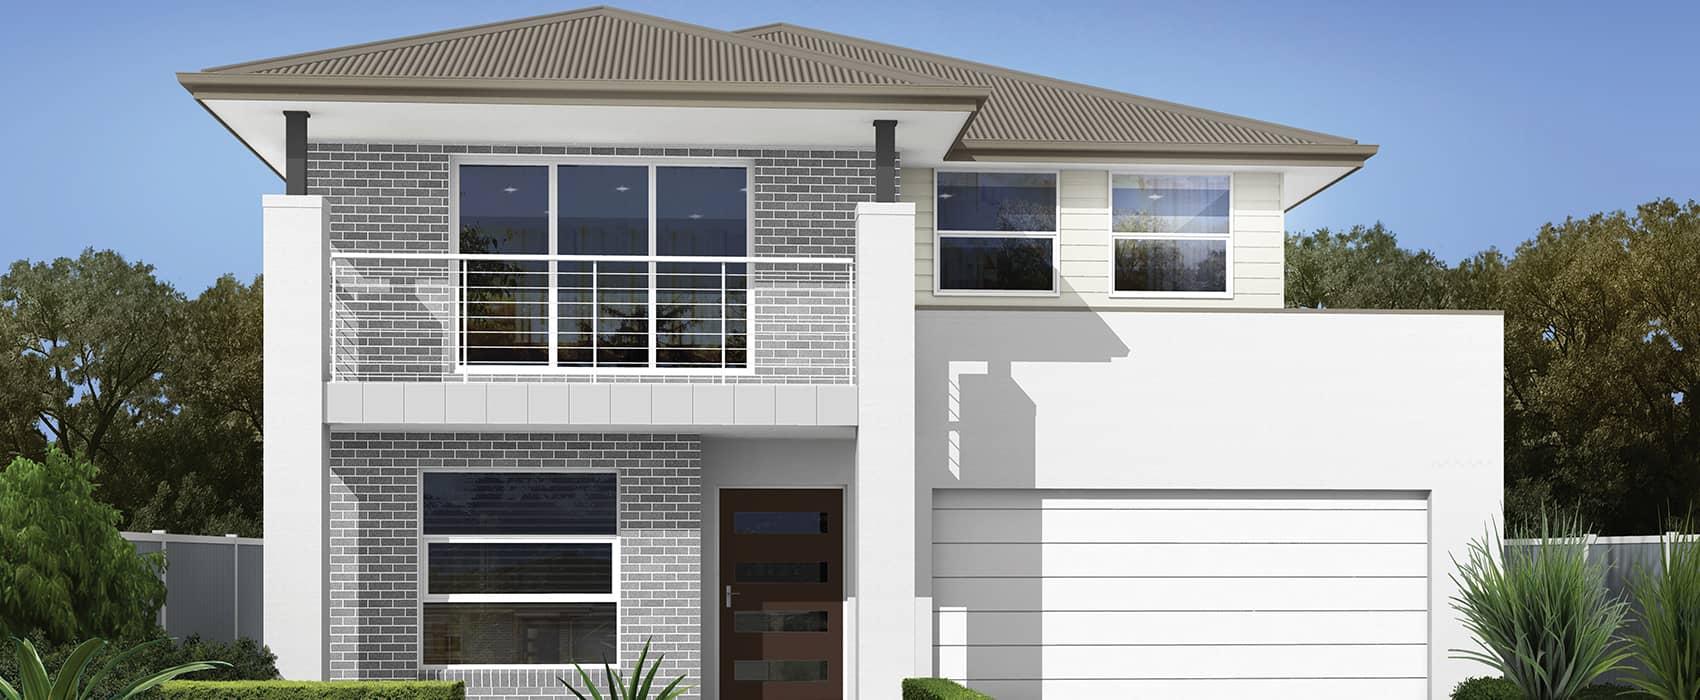 Captial Home Design